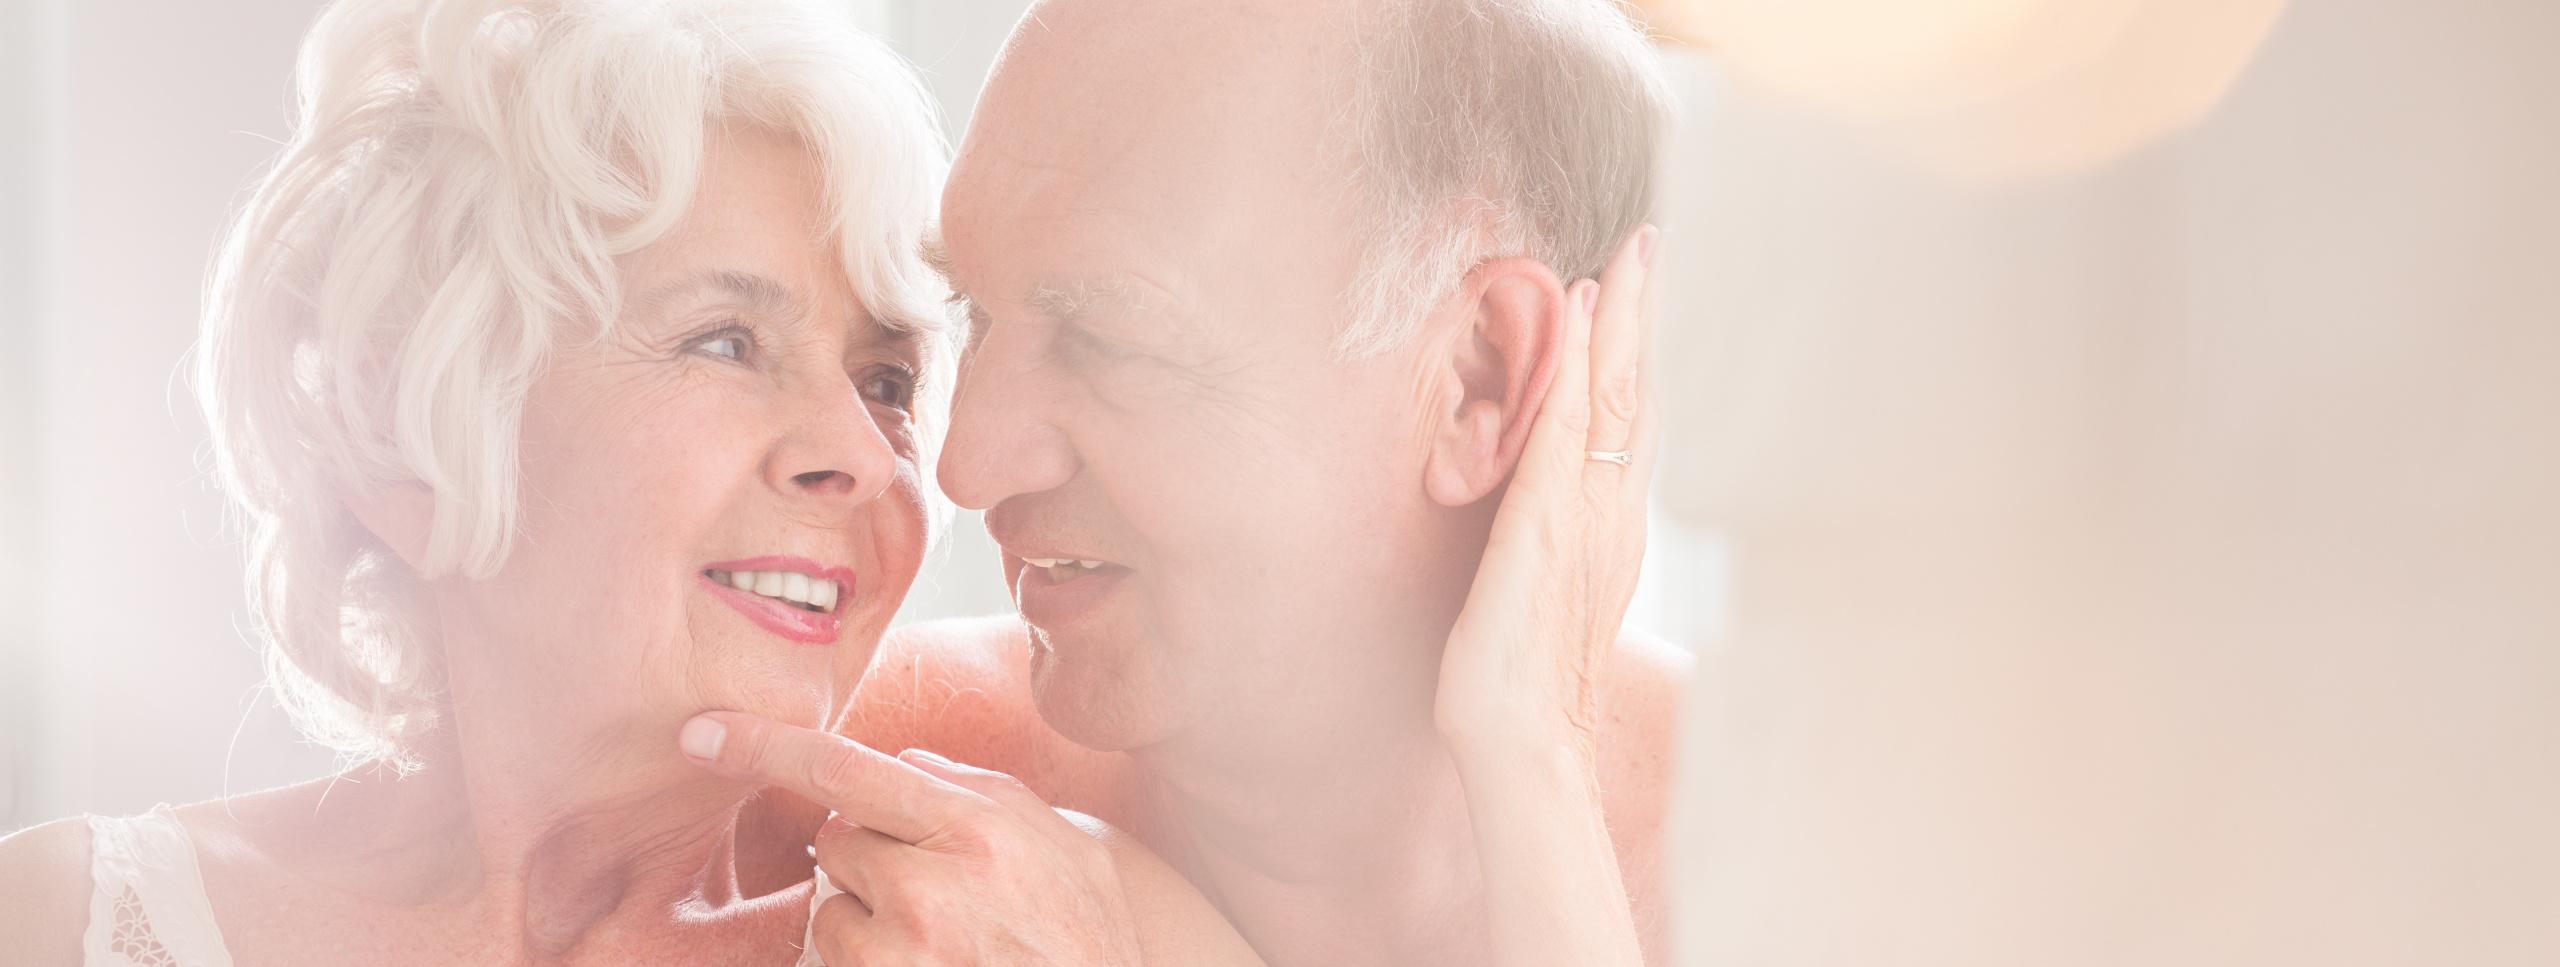 Eldre par som uttrykker kjærlighet